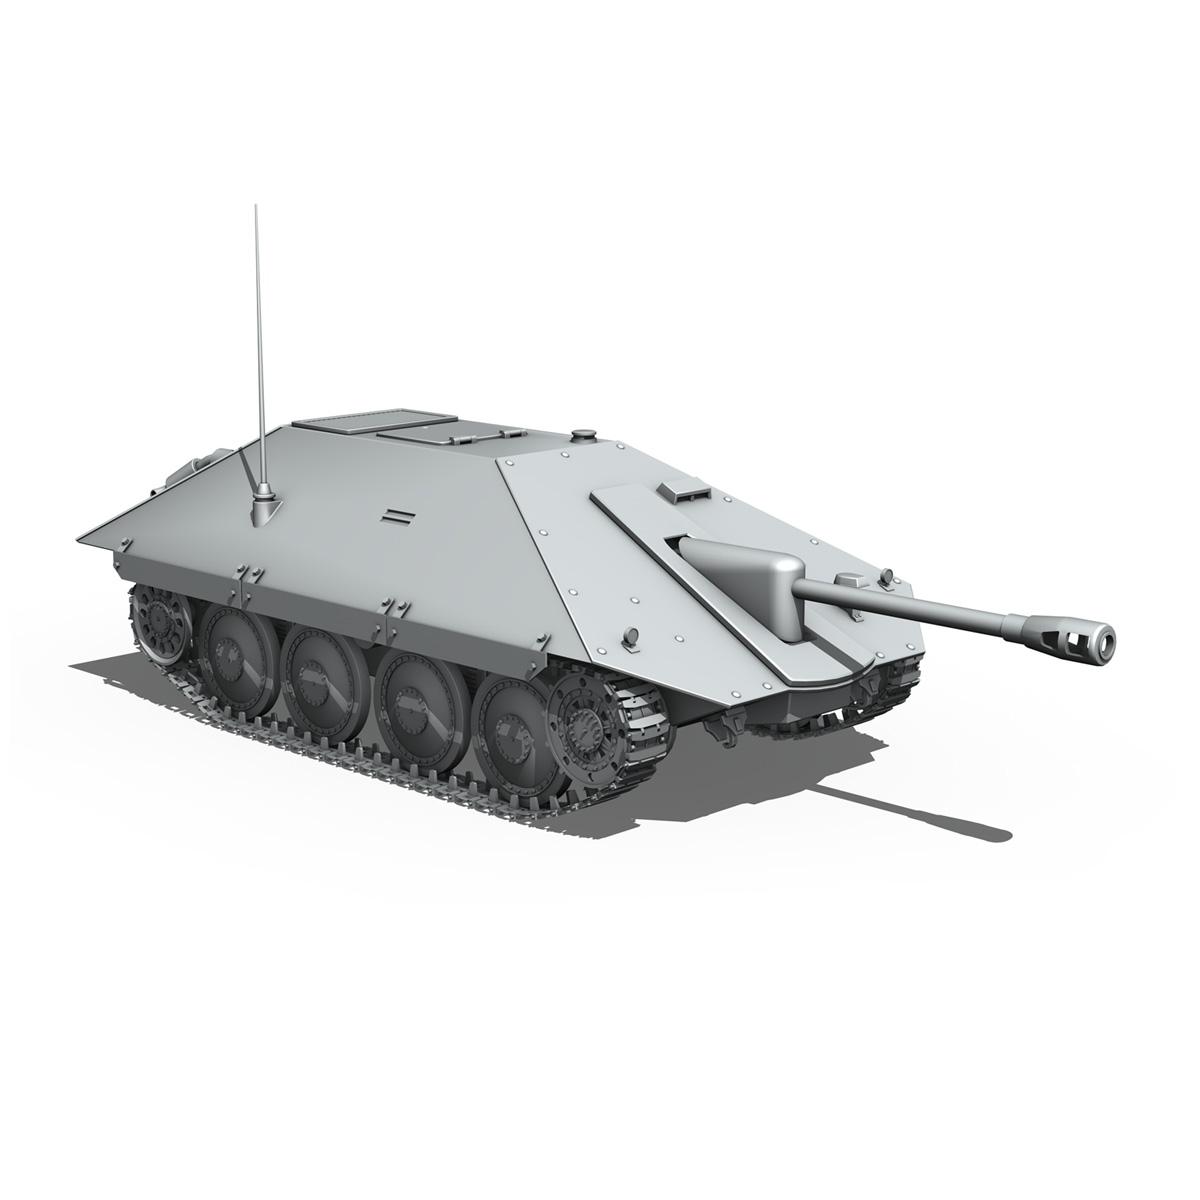 maresal m06 – romanian tank destroyer 3d model 3ds fbx c4d lwo obj 188894